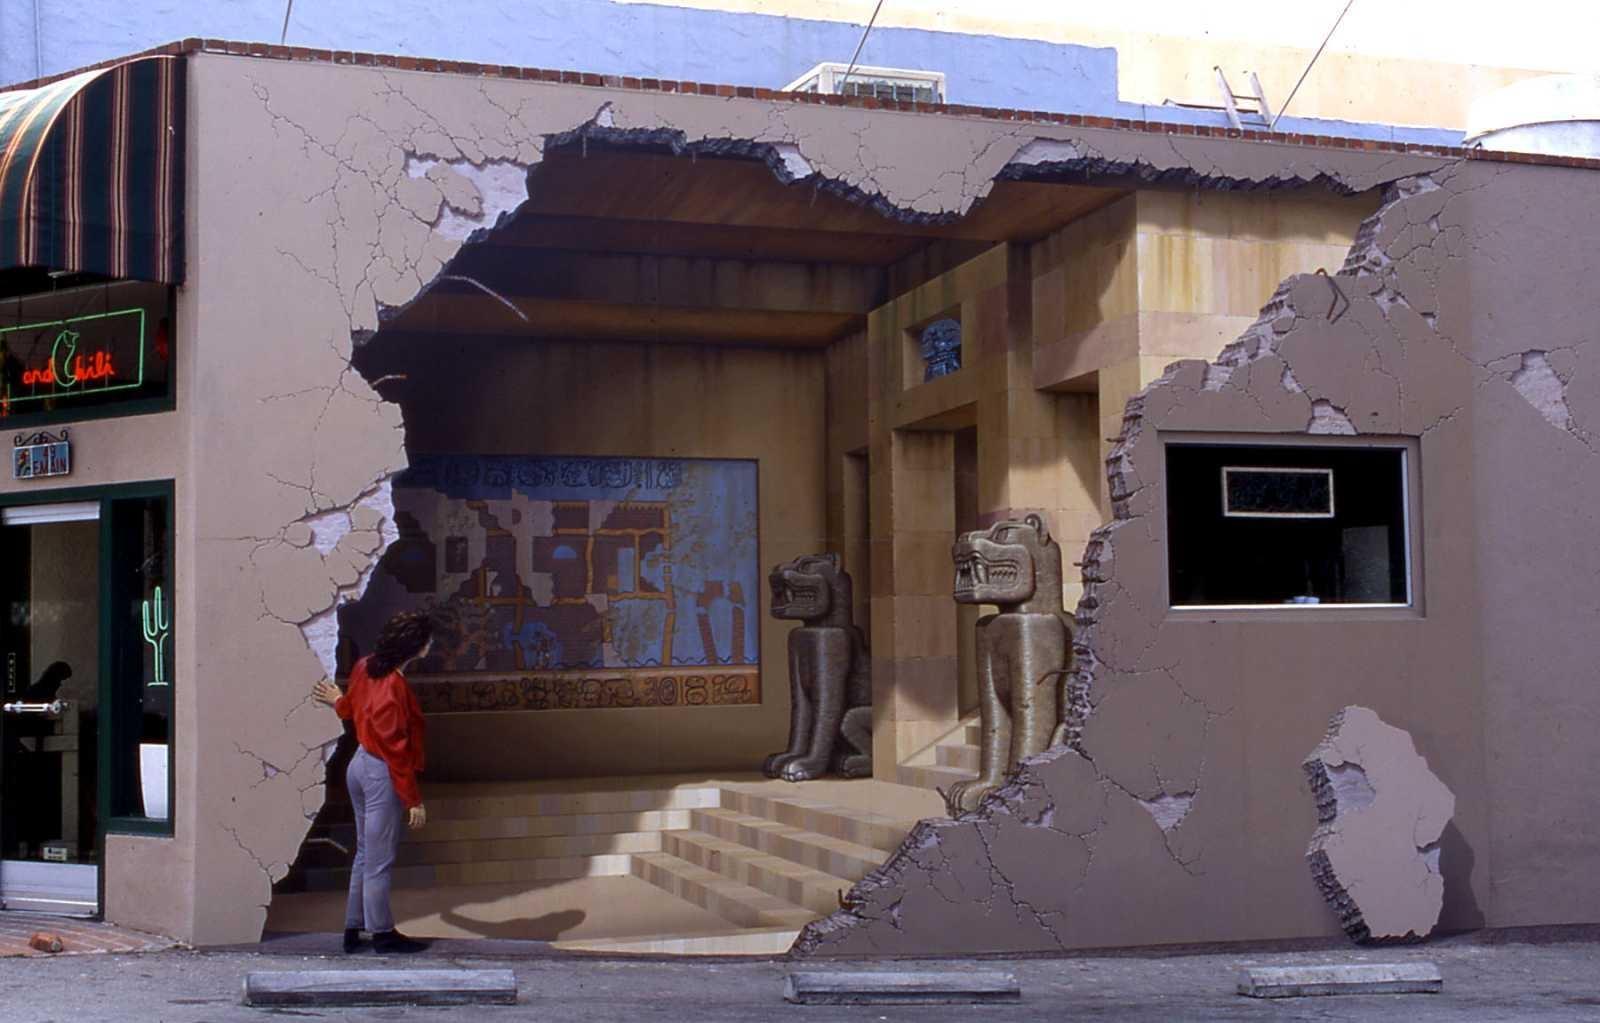 3D Wall Art regarding 3D Wall Art